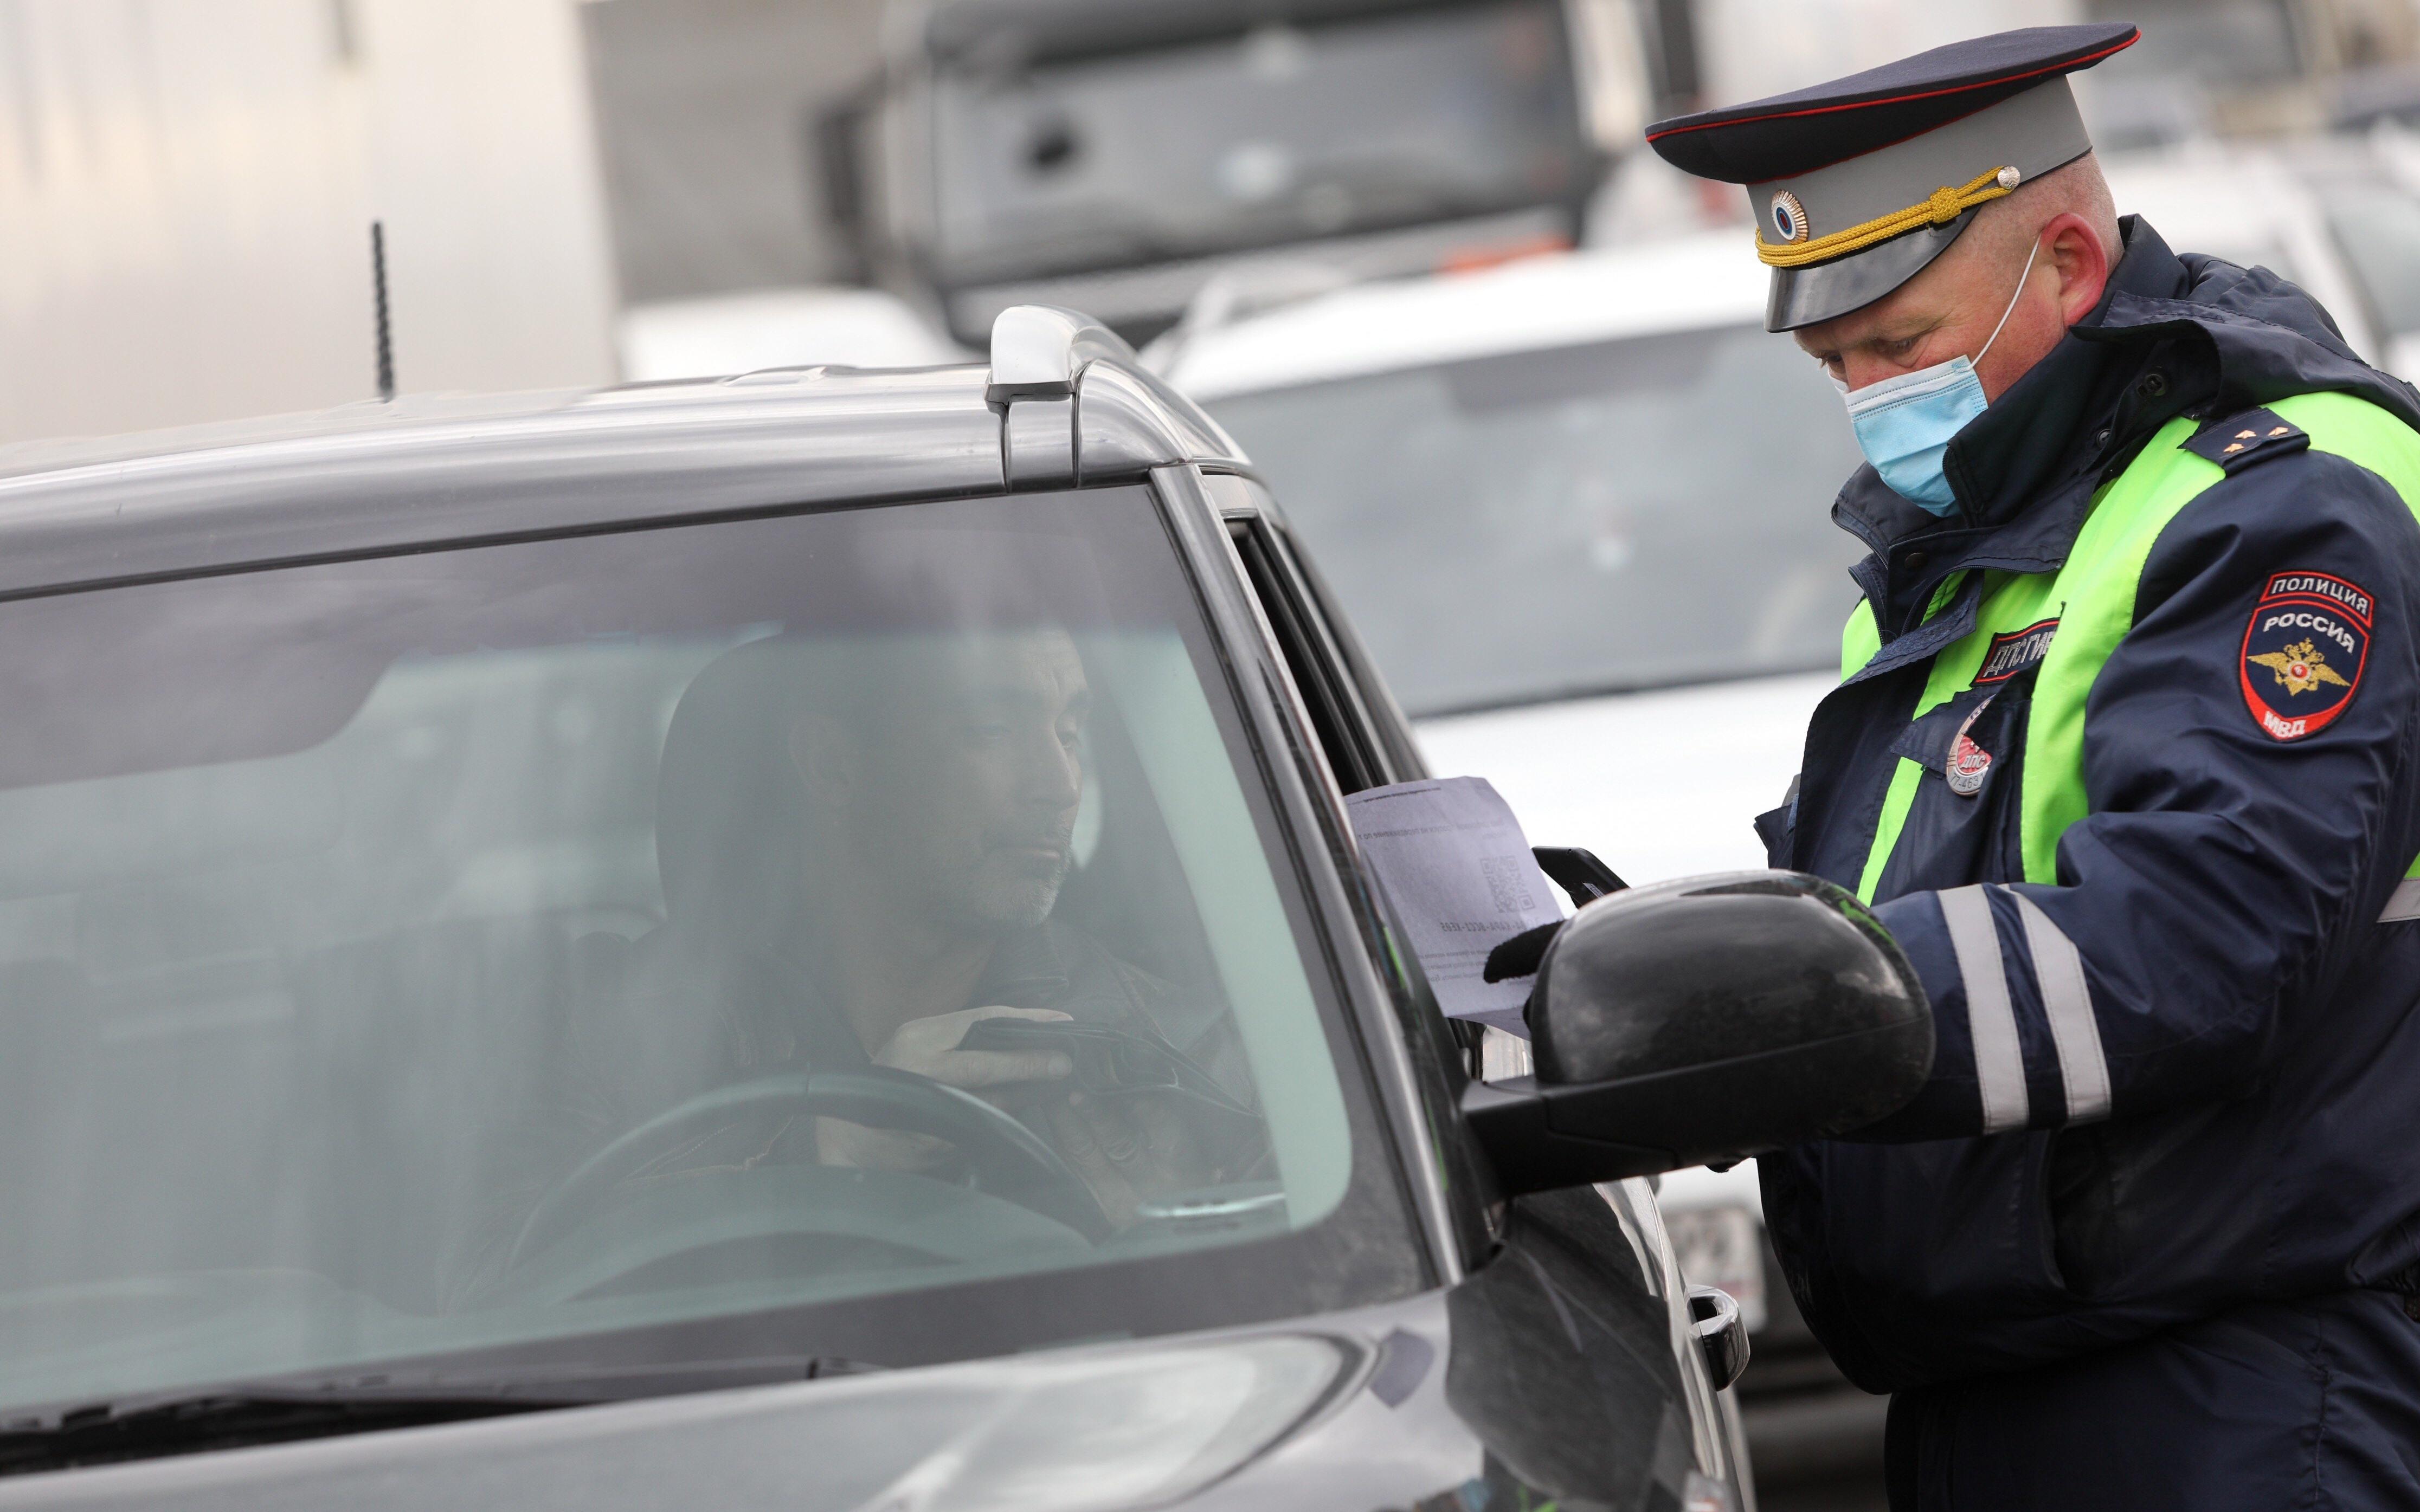 На въезде в квартал Патриарших прудов сотрудники ГИБДД проверяют у водителей прописку